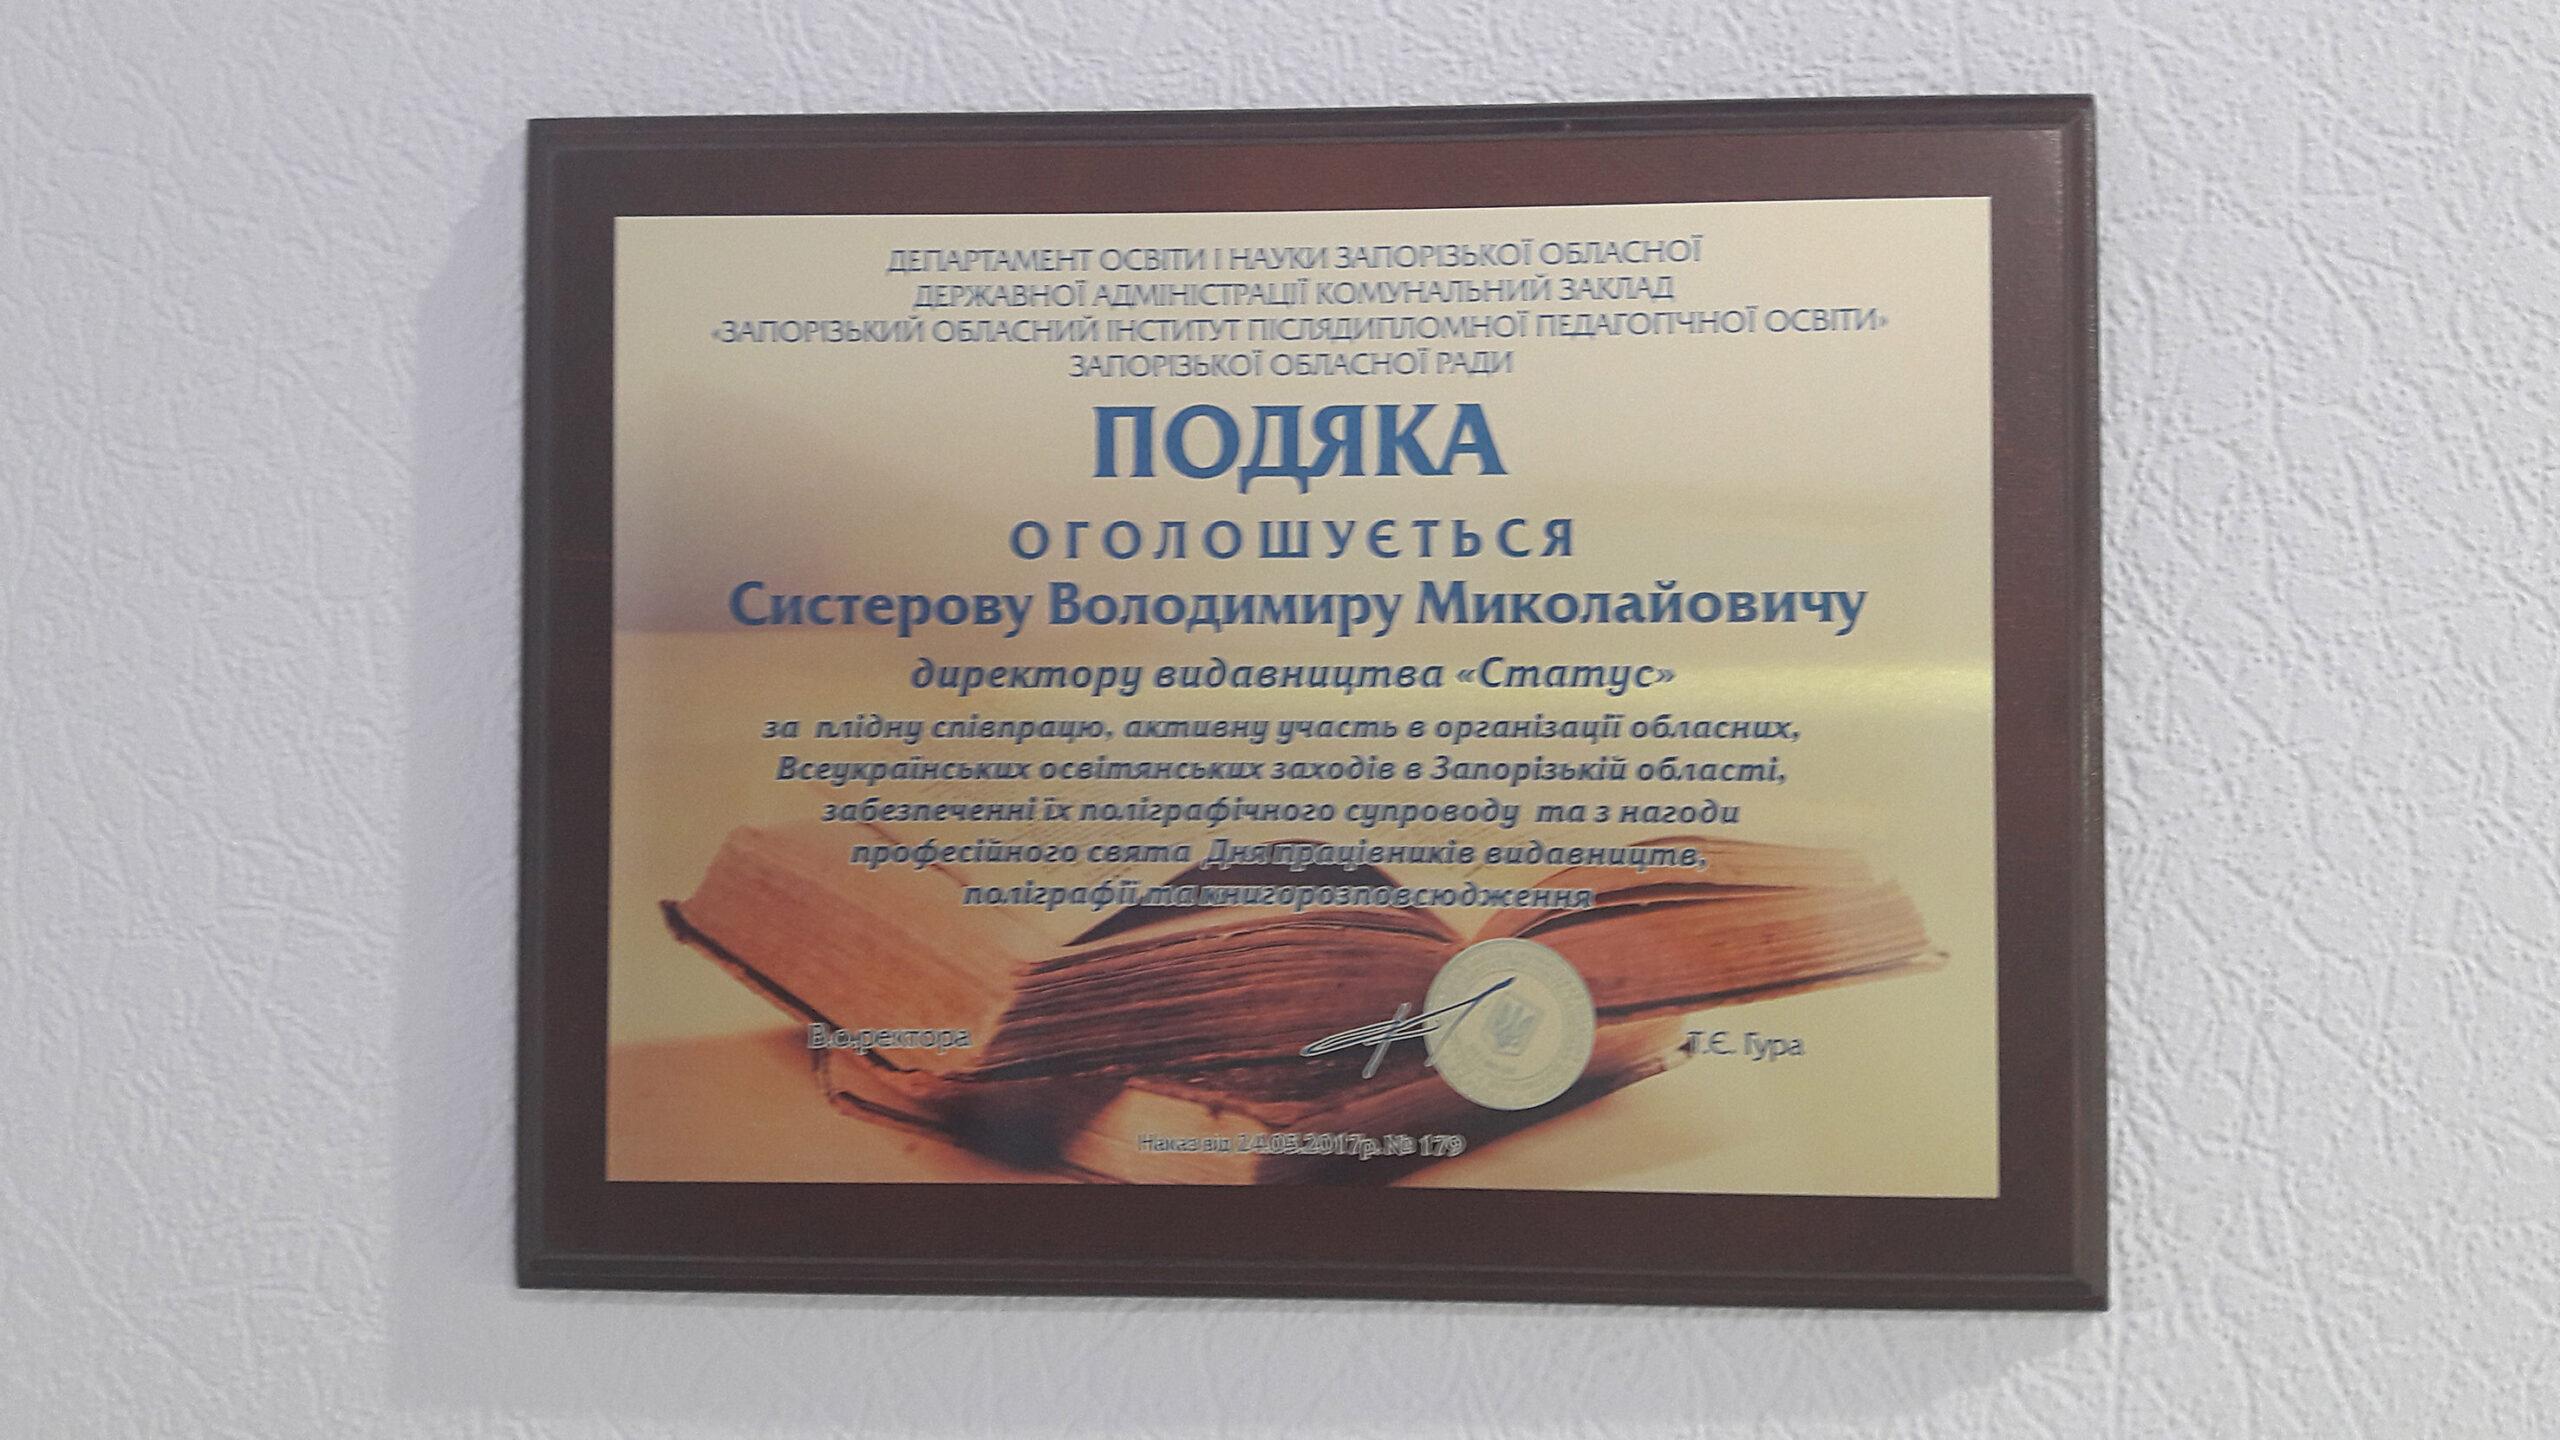 С Днём издателя поздравили директора «СТАТУСа»